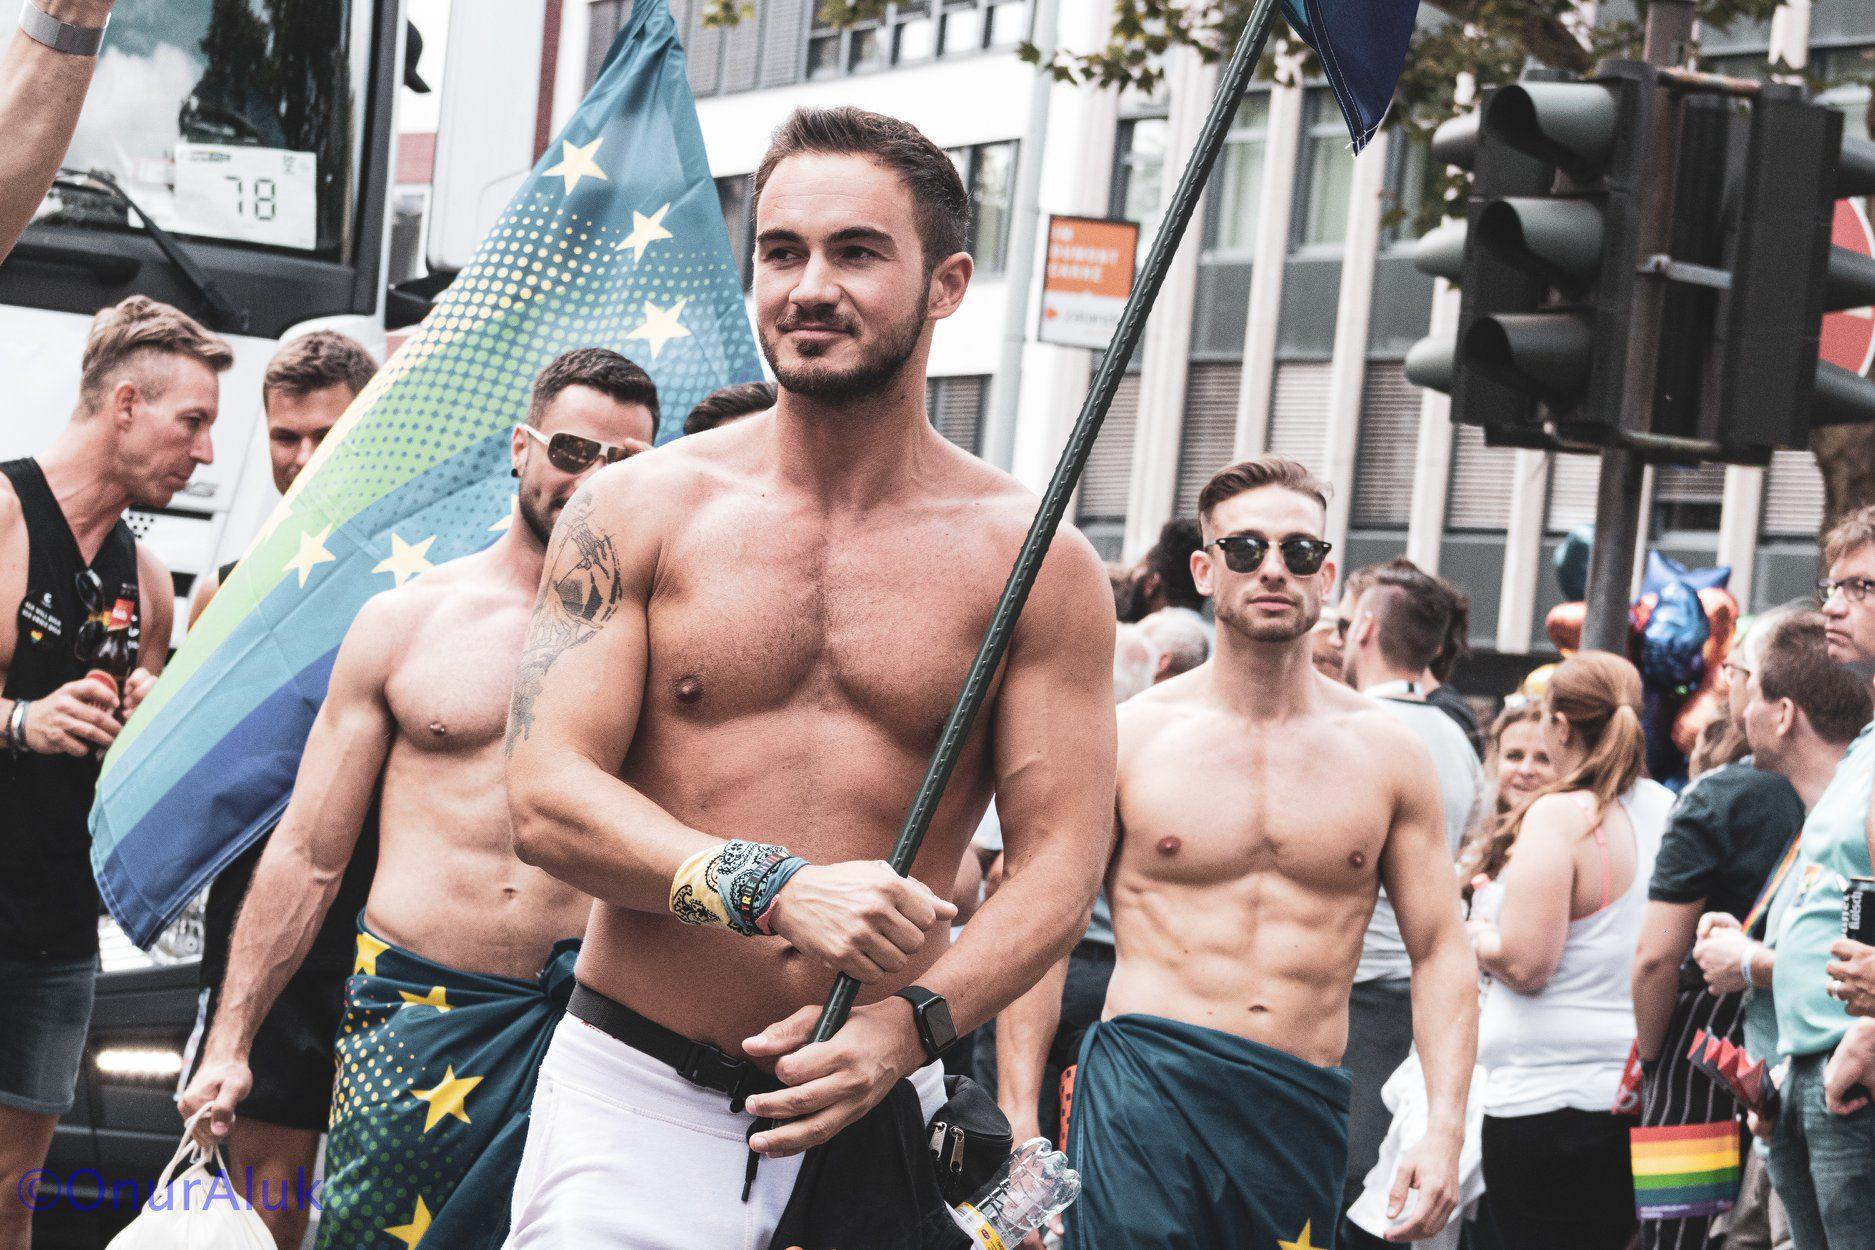 Une journée gay à Cologne